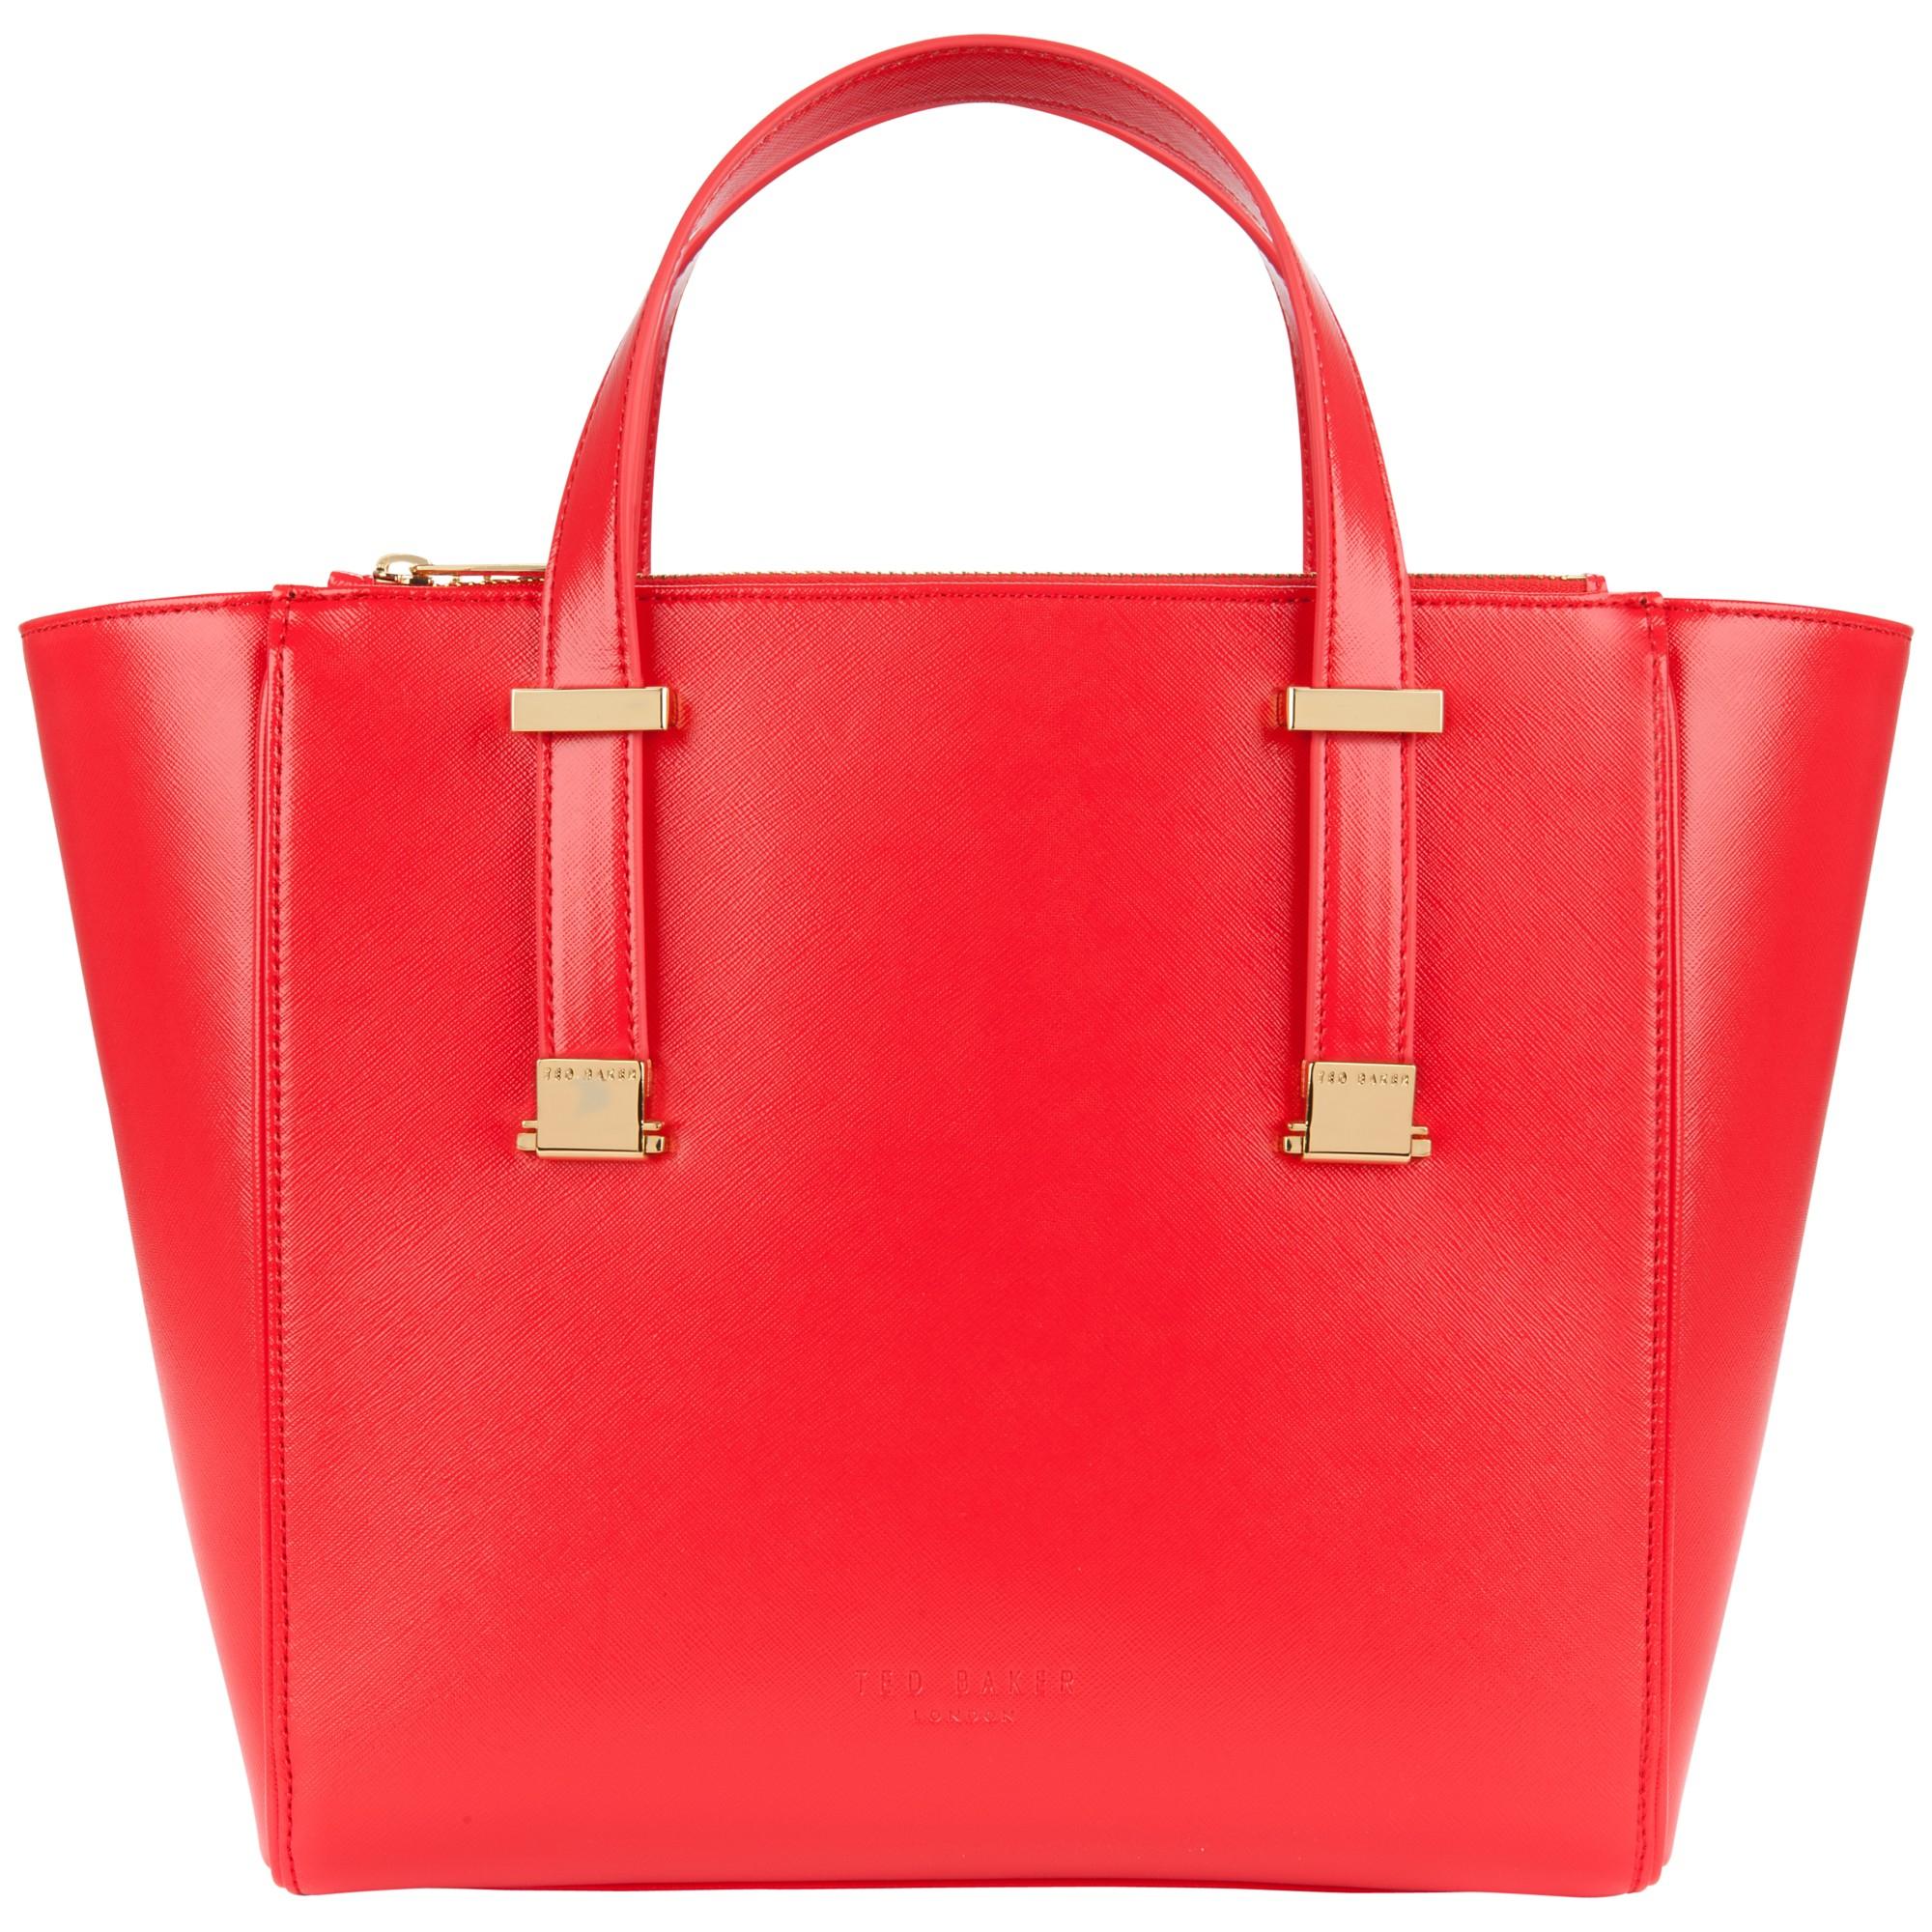 8af6383aa37853 ... Ted Baker Lela Crosshatch Shopper Bag in Red - Lyst half off c1c89  dc4fc ...